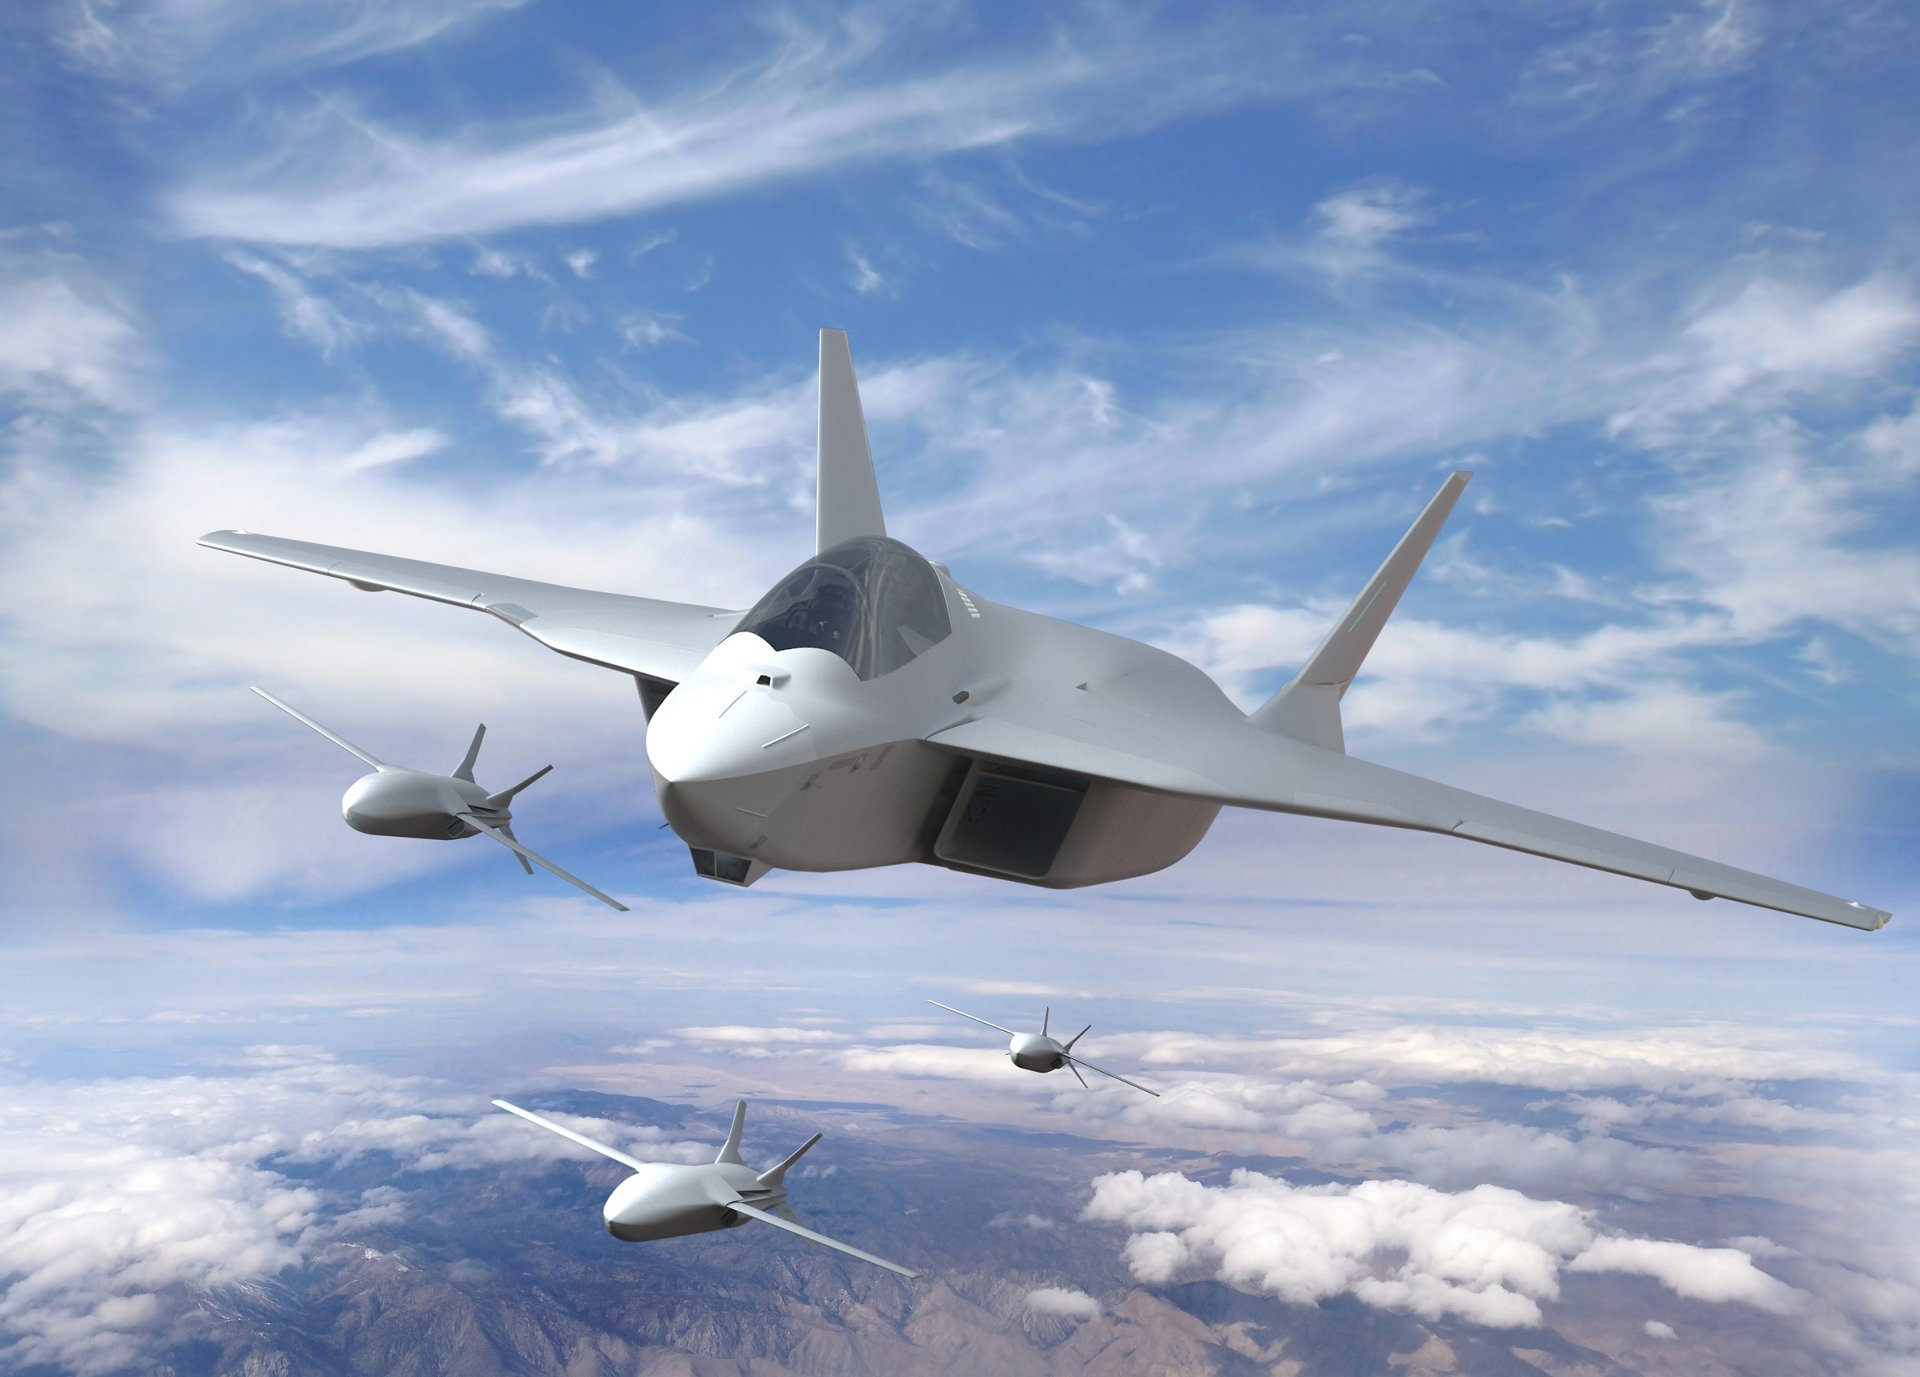 A jövendő 6. generációs európai harcigép (fotó: Airbus)